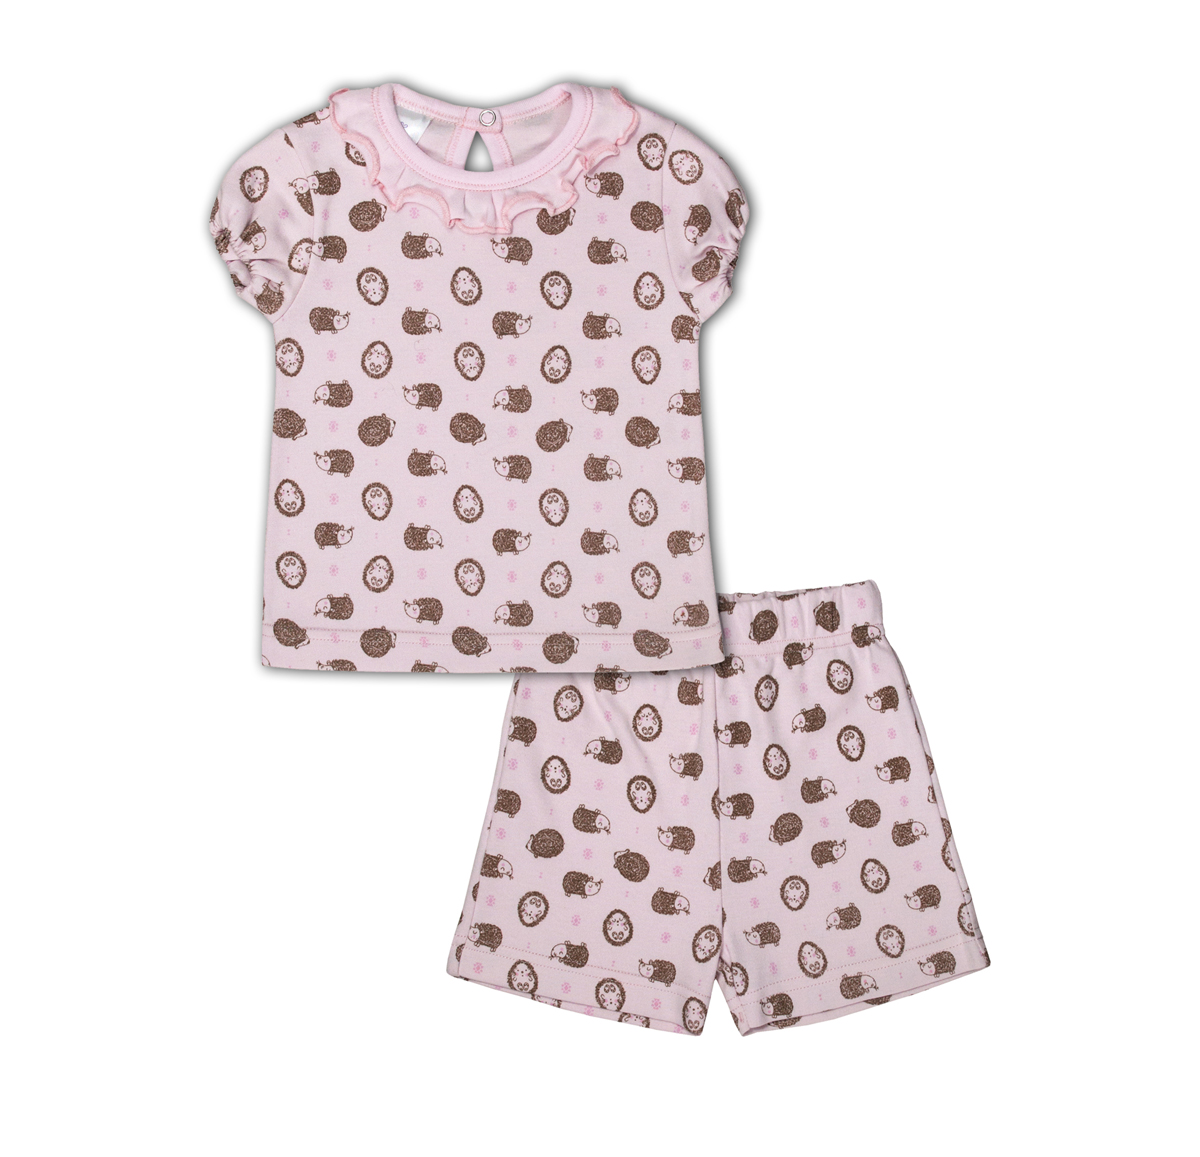 Комплект одежды для девочки Мамуляндия: шорты, футболка, цвет: розовый. 17-19003. Размер 86 комплекты детской одежды мамуляндия комплект для мальчика полукомбинезон и футболка клякса